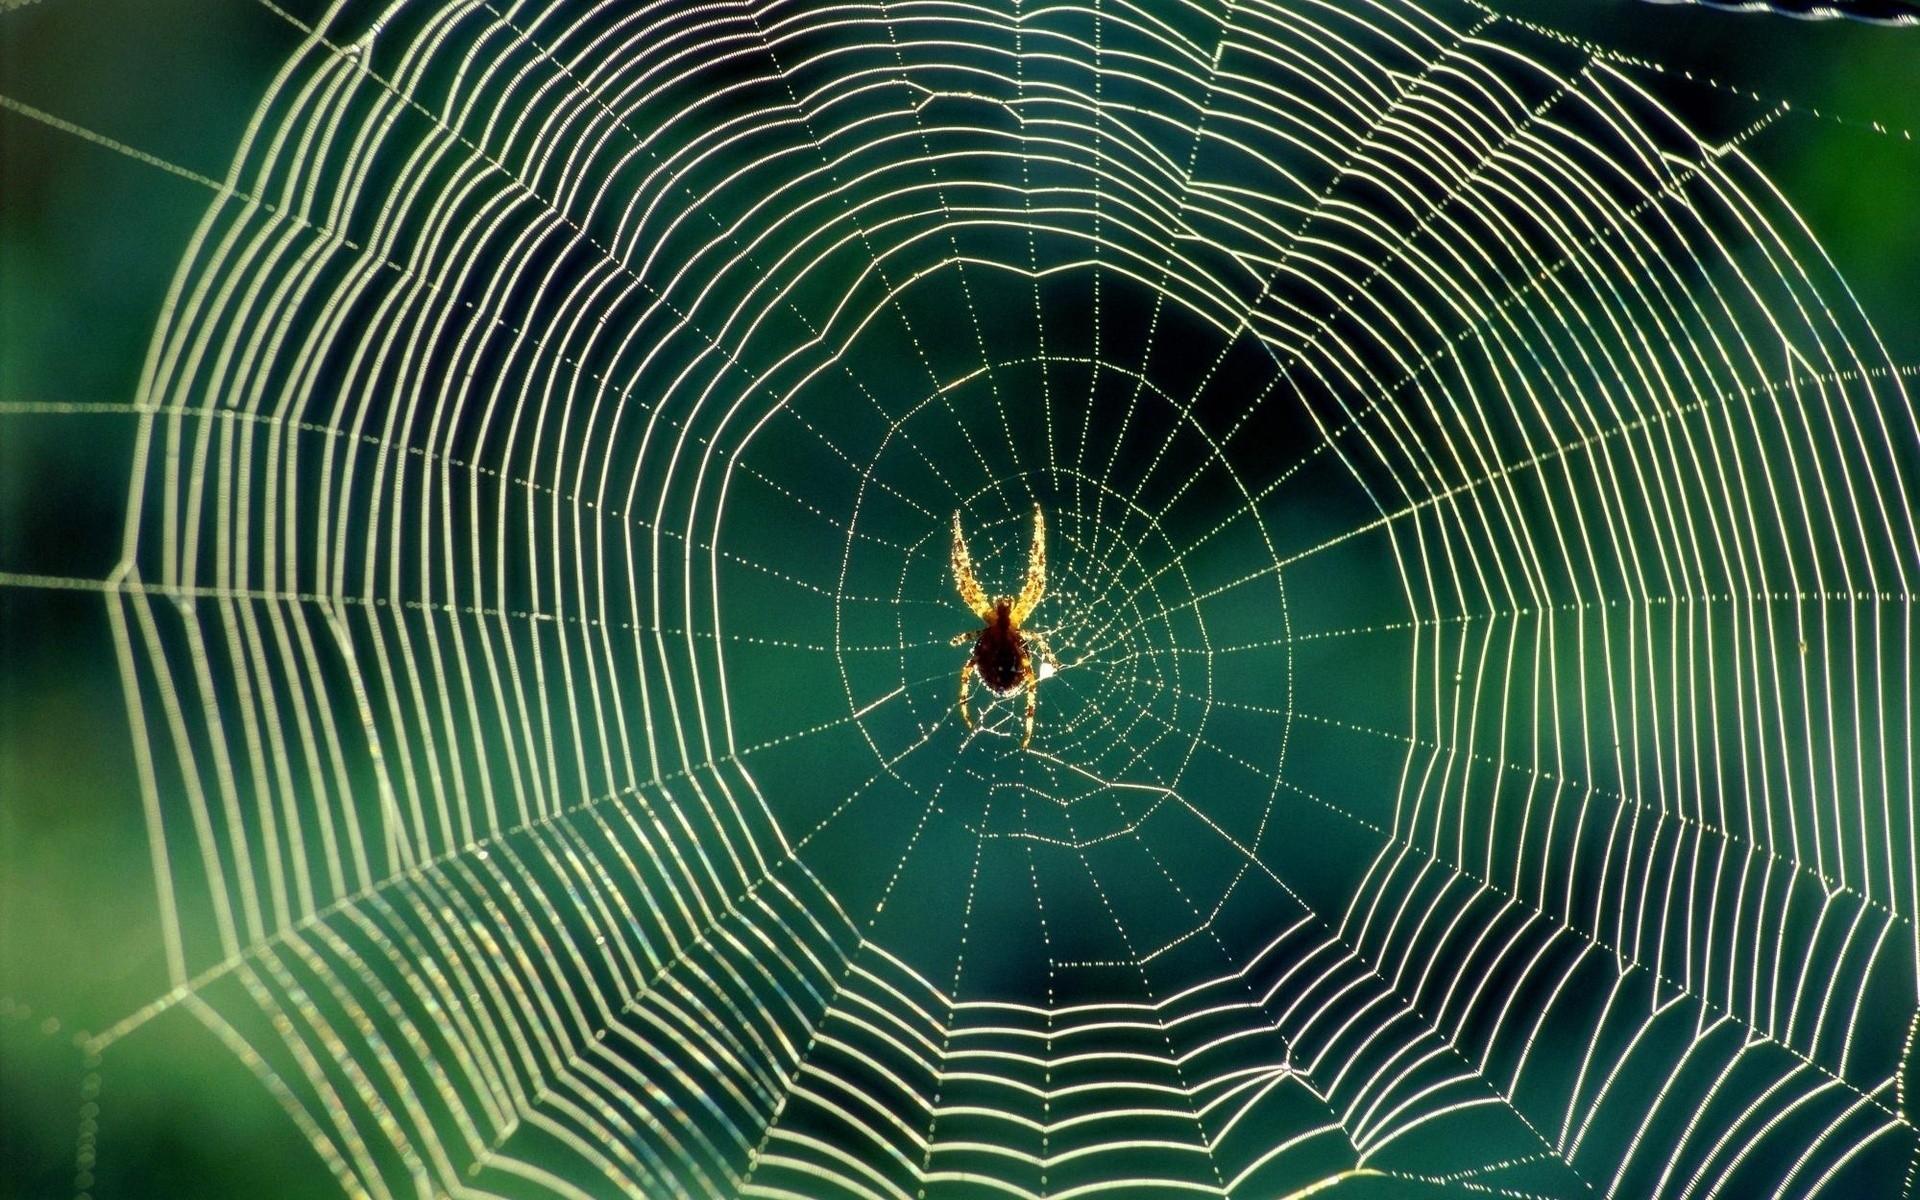 Araña y su telaraña - 1920x1200